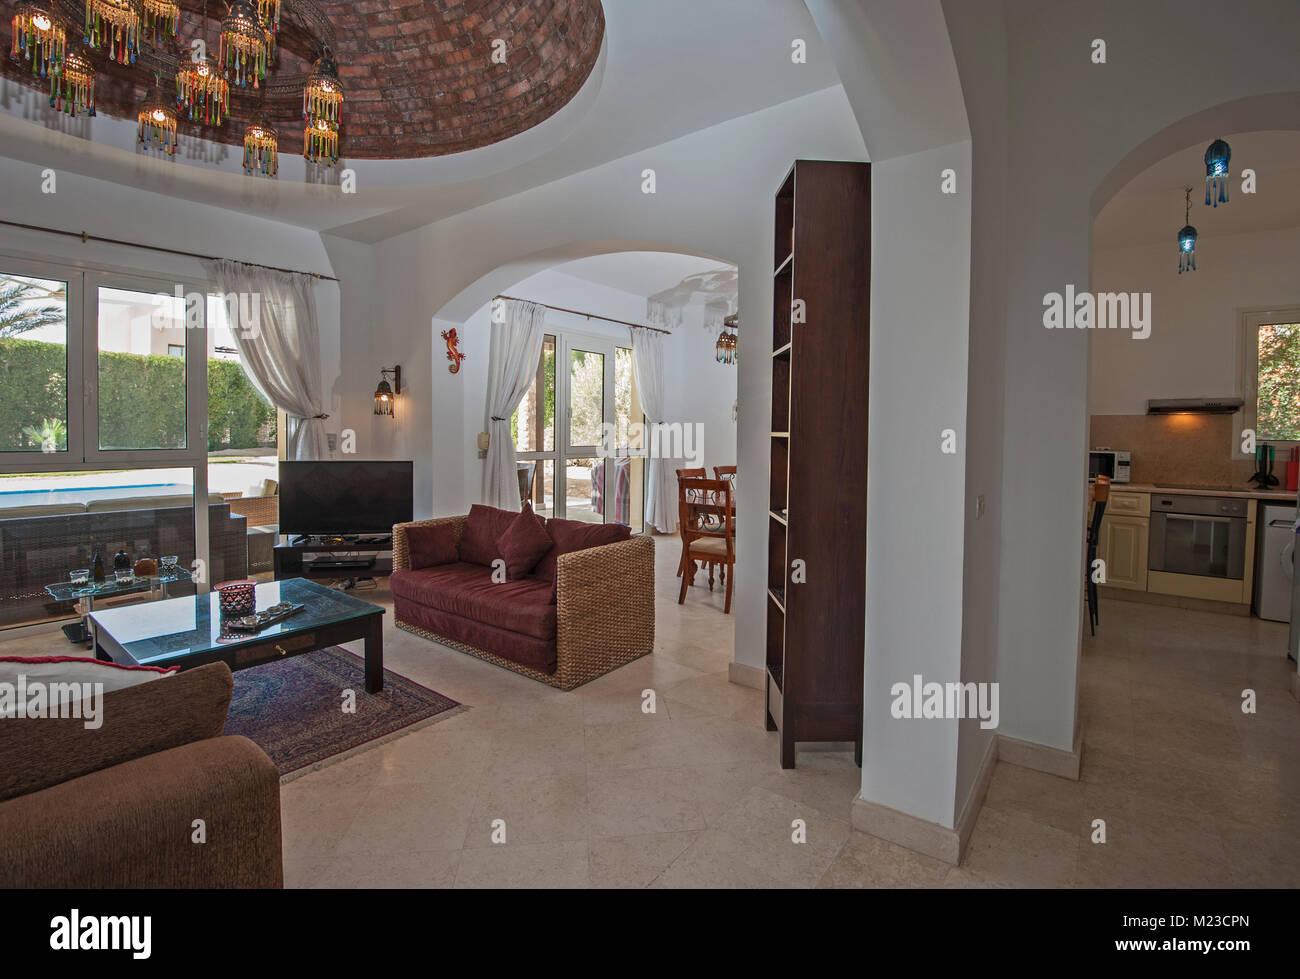 https://c8.alamy.com/compfr/m23cpn/salon-living-room-en-villa-de-luxe-show-accueil-montrant-un-decor-design-interieur-ameublement-m23cpn.jpg